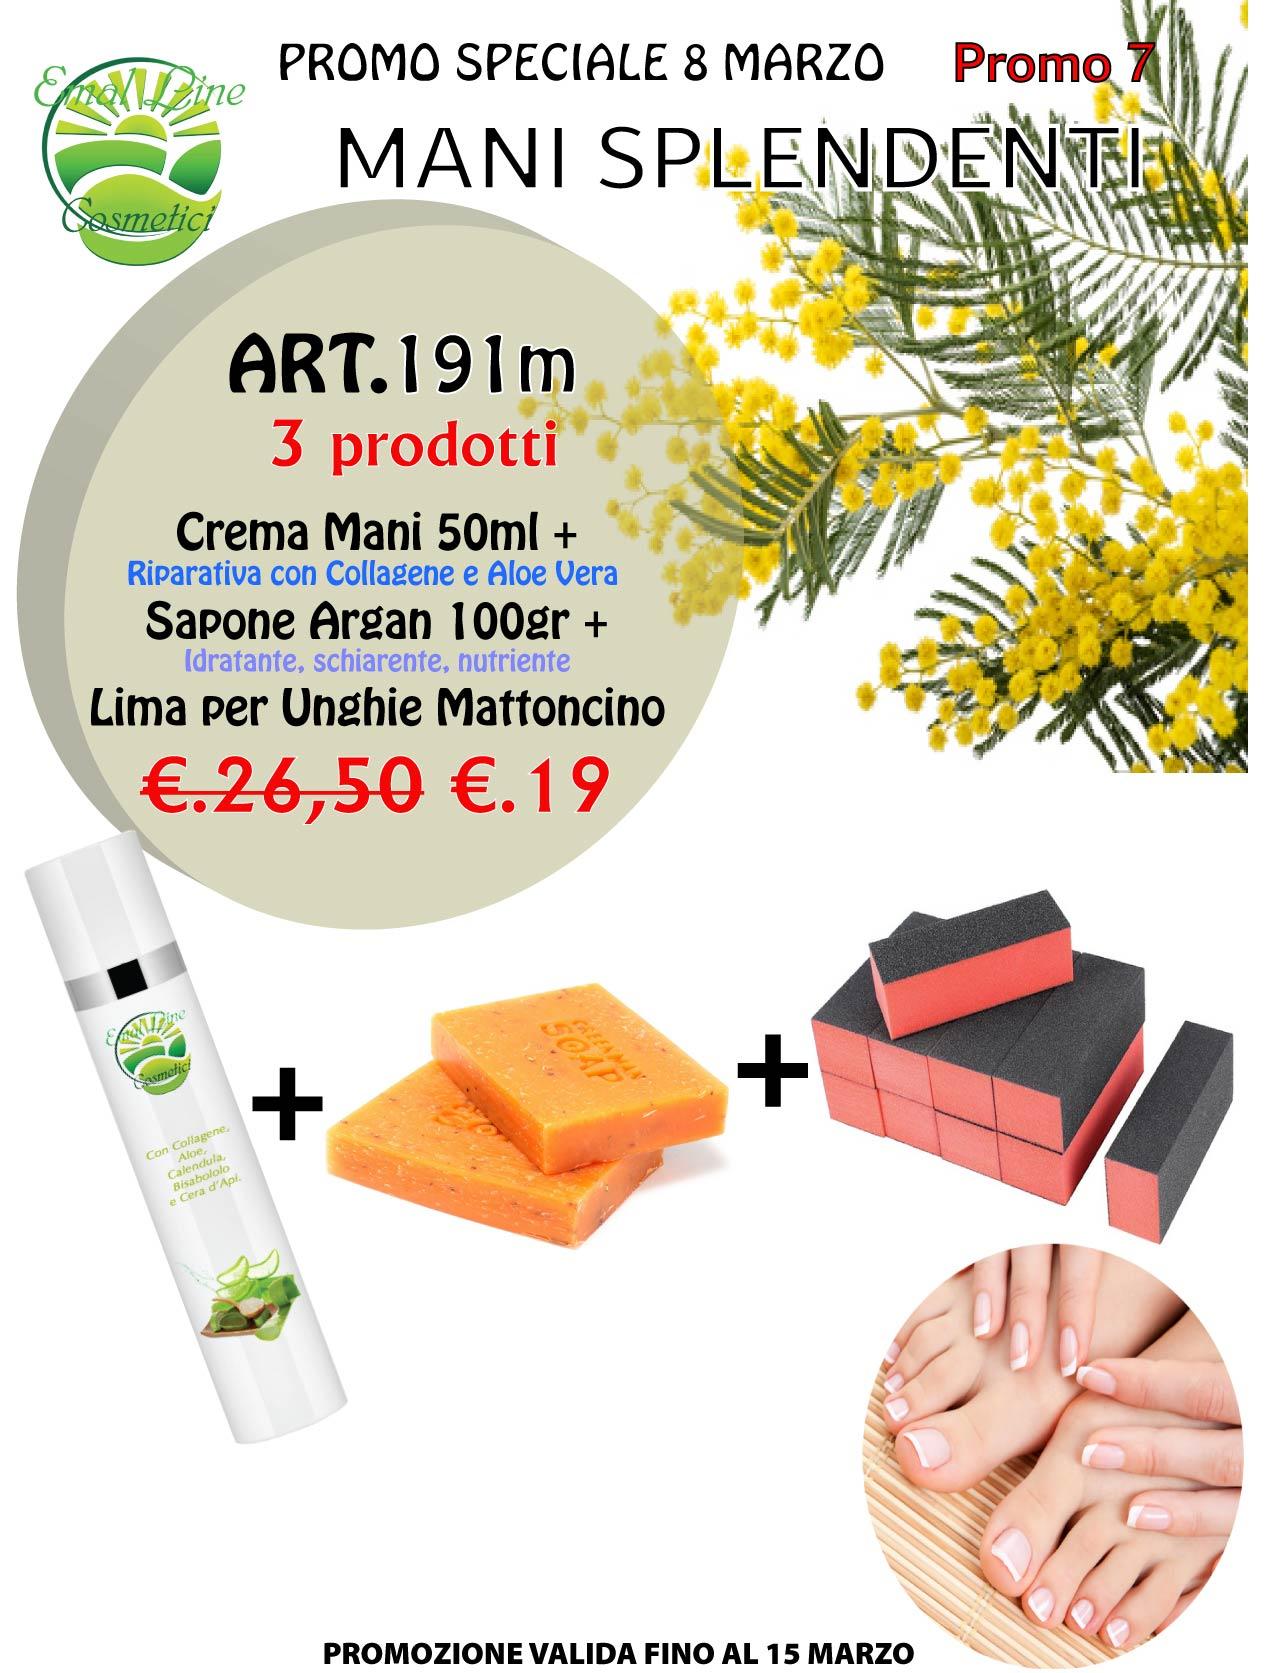 Promo 7 Mani Splendenti 3 prodotti!